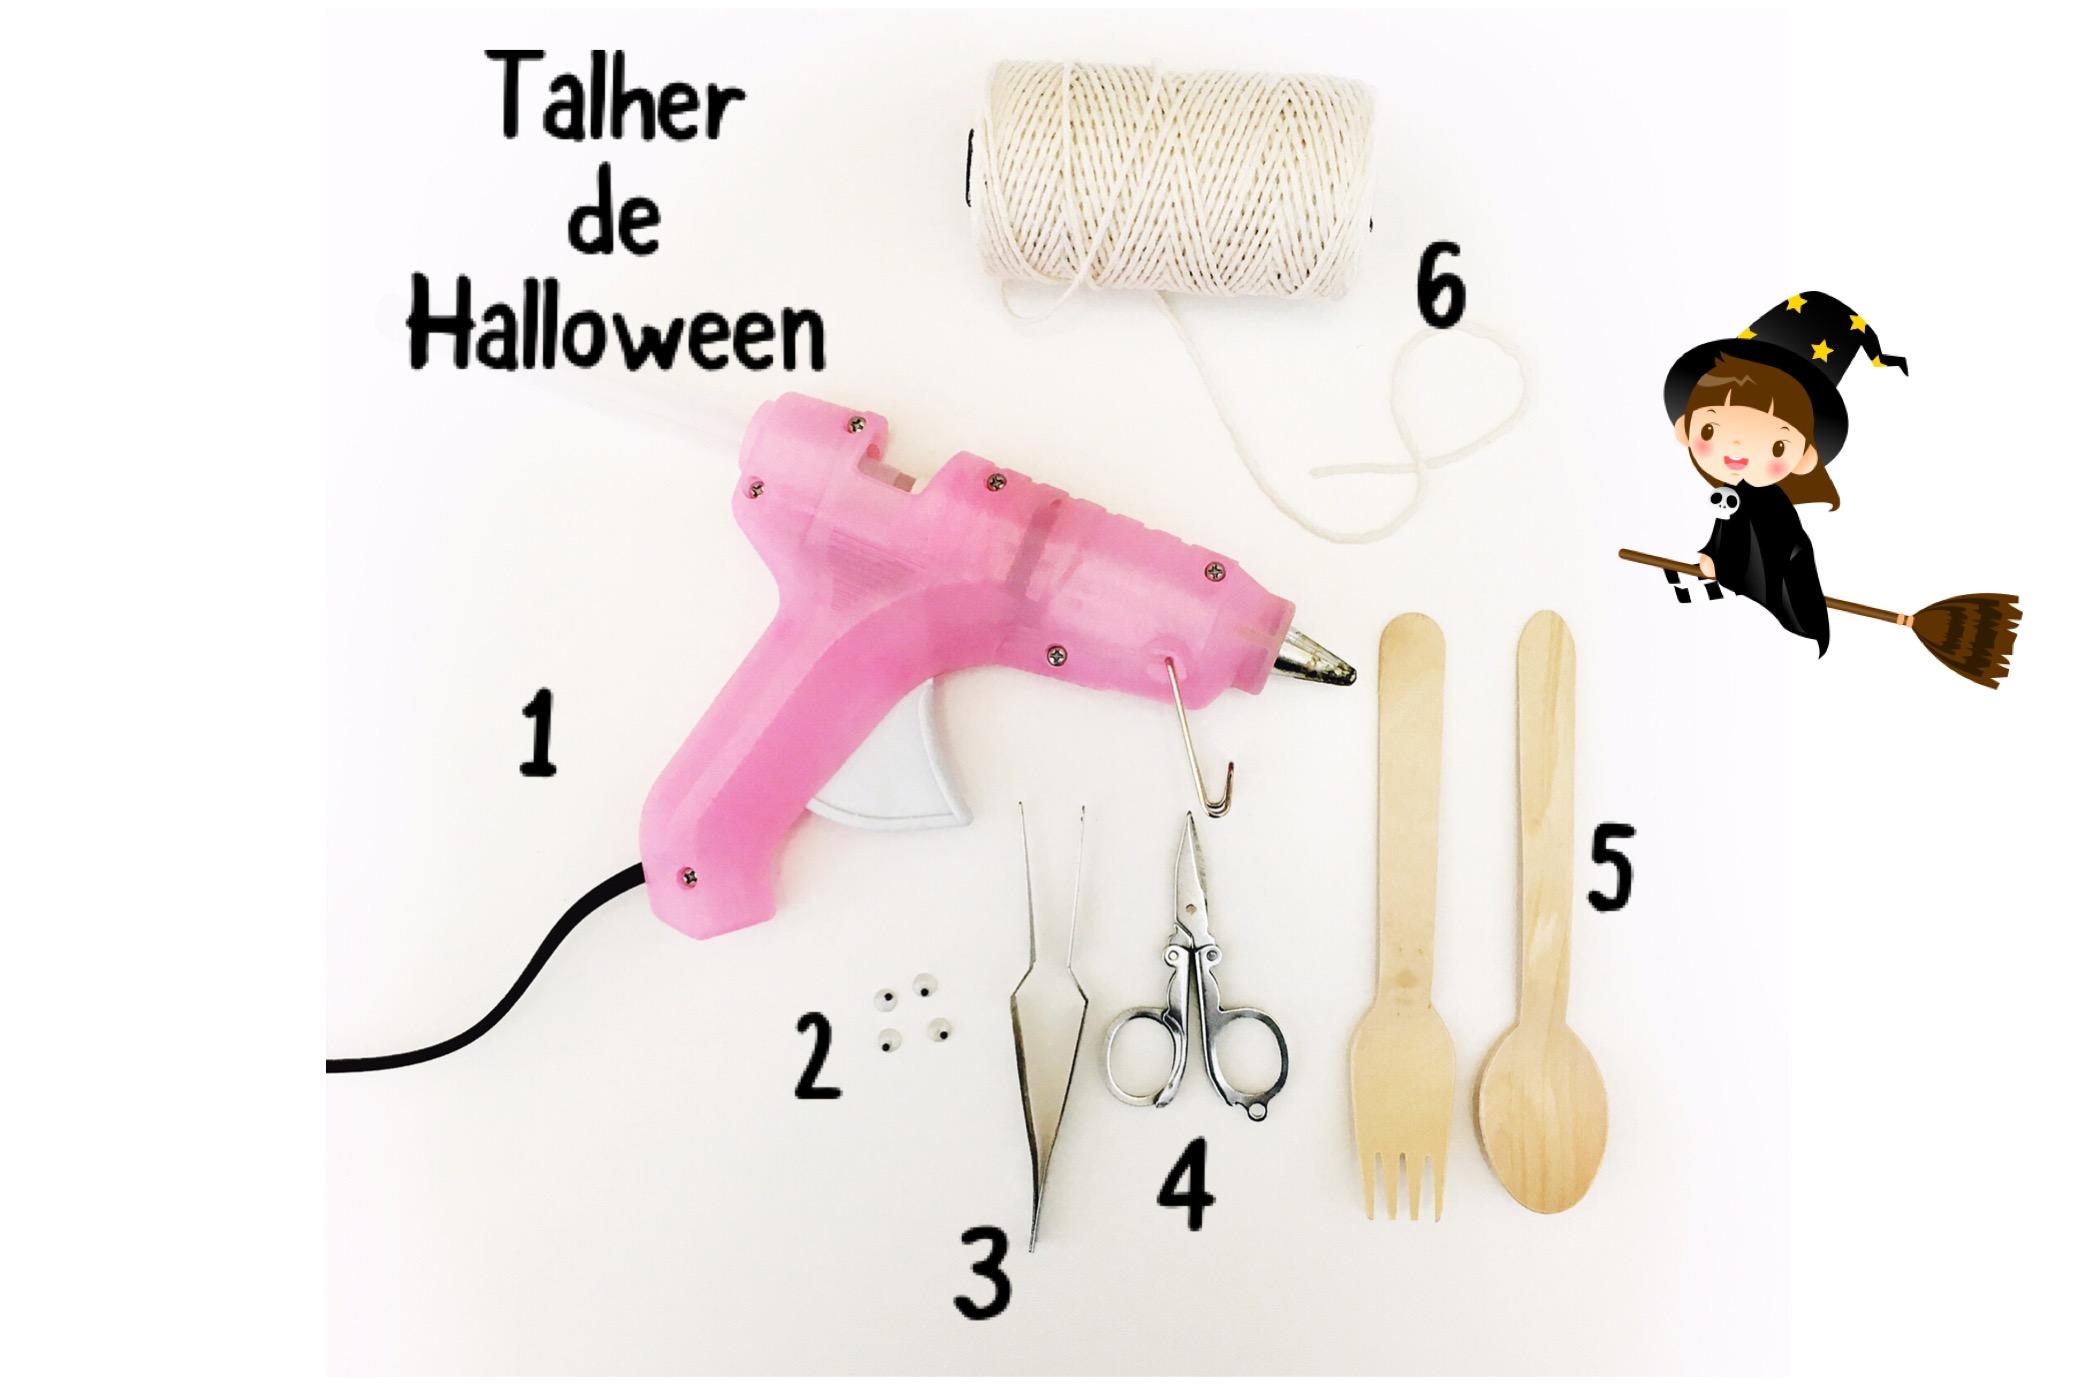 Talher de Halloween